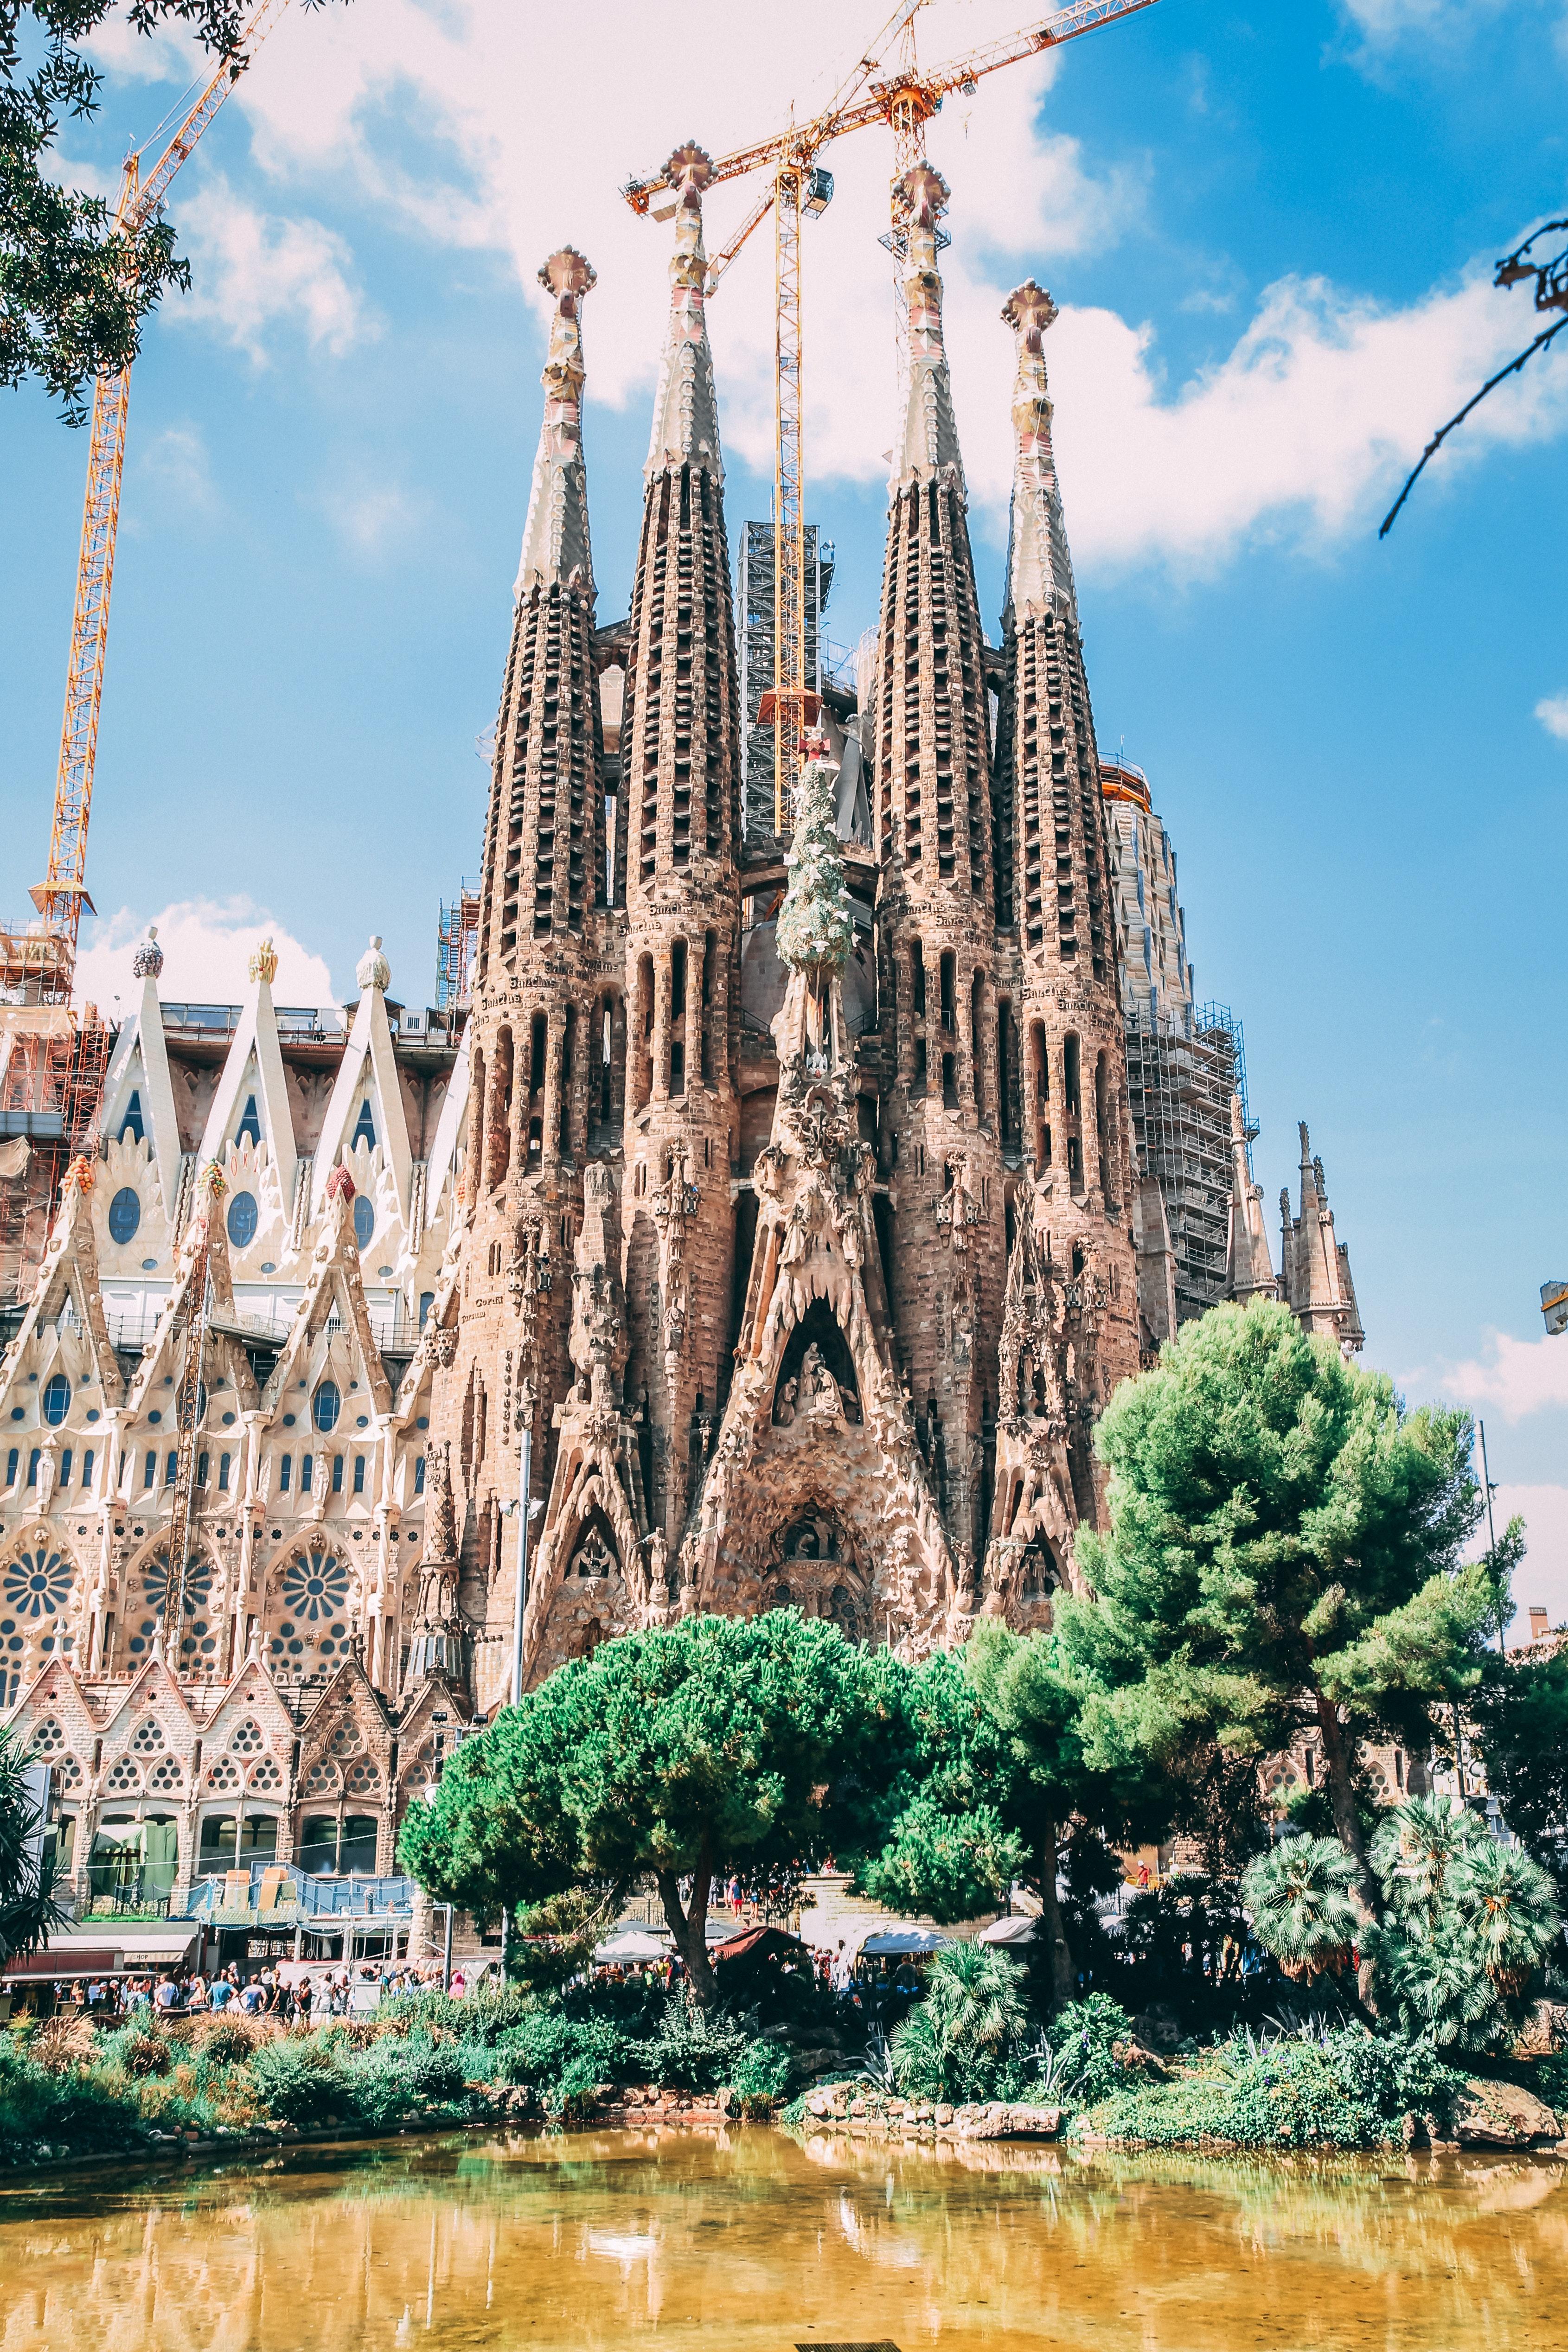 10 самых часто посещаемых достопримечательностей 2018 года 10 самых часто посещаемых достопримечательностей 2018 года architecture barcelona blue sky 819764